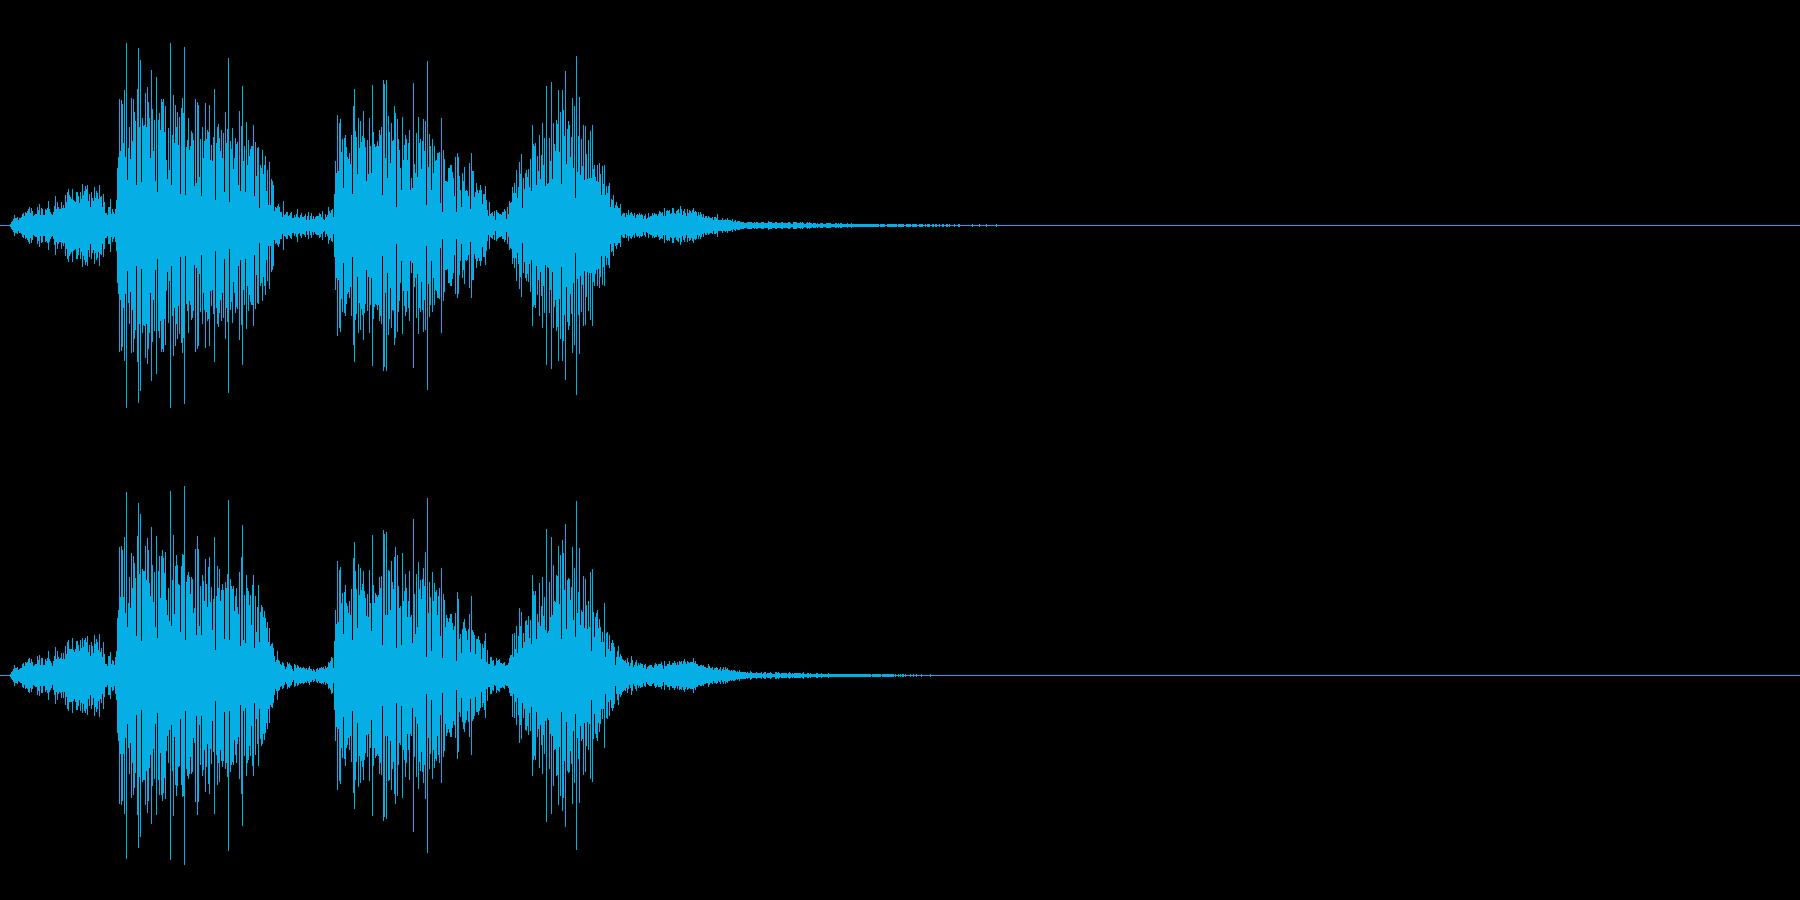 ロボット クイズ「正解です」の再生済みの波形